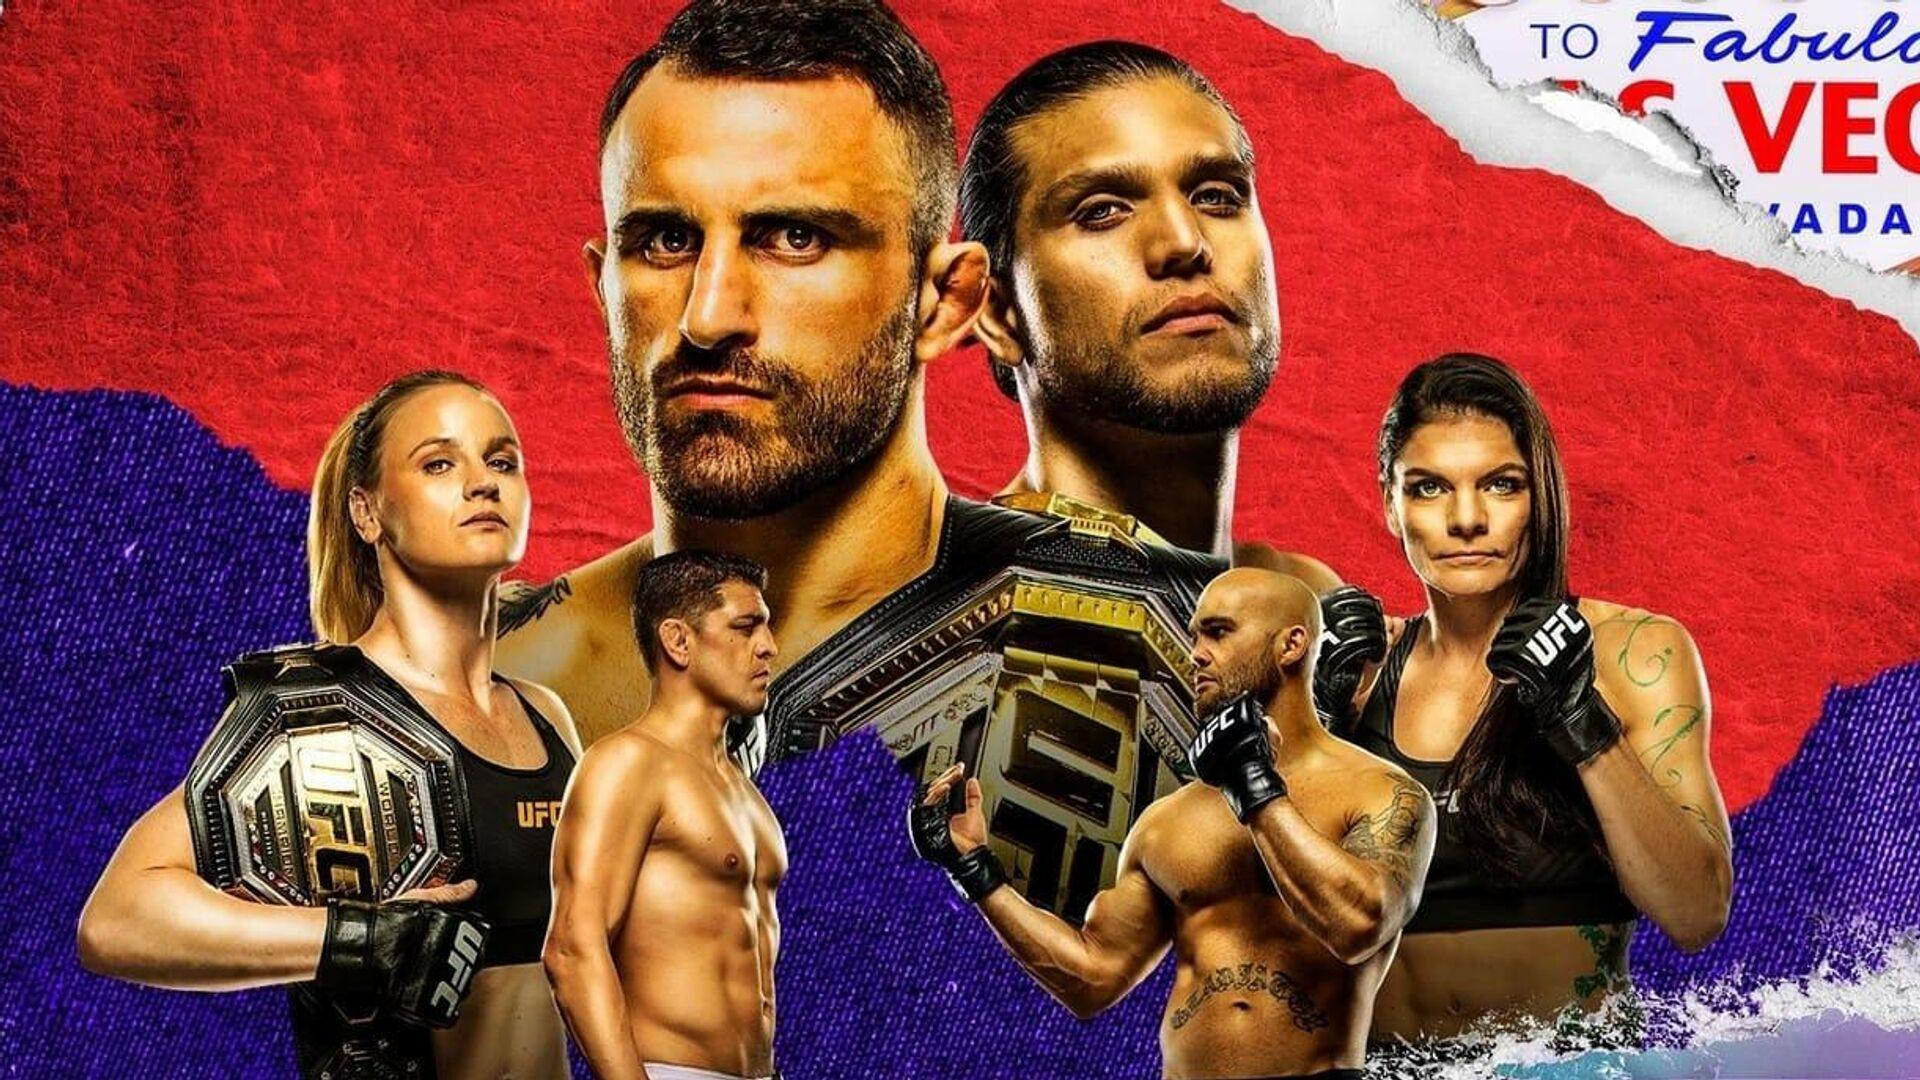 Официальный постер UFC 266 - РИА Новости, 1920, 24.09.2021